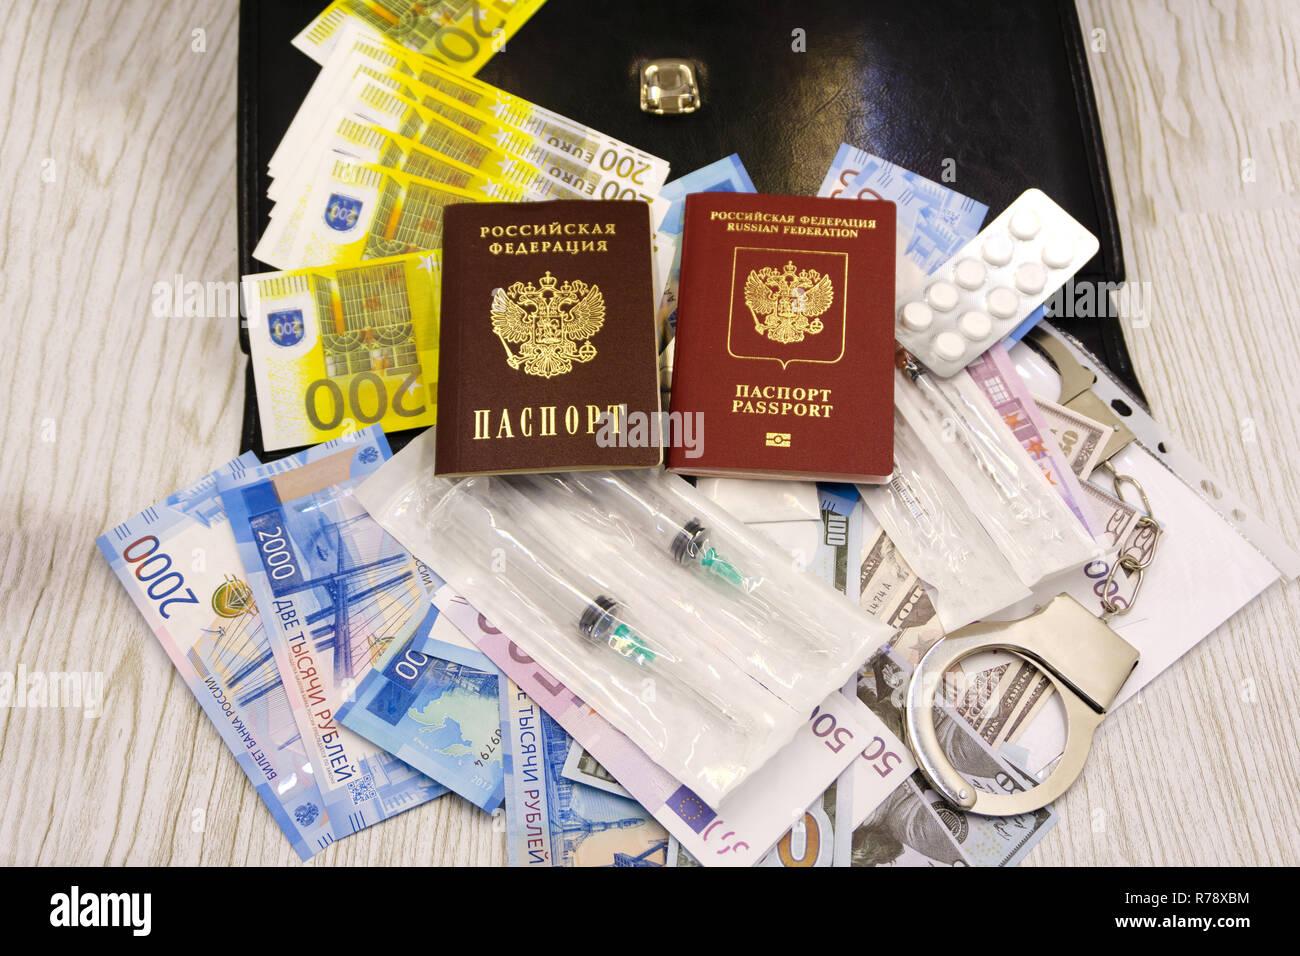 Eine Südafrikanische Reisepass und Medikamente auf einen hölzernen Tisch. Reisen Medikamente Konzept Bild Stockfoto